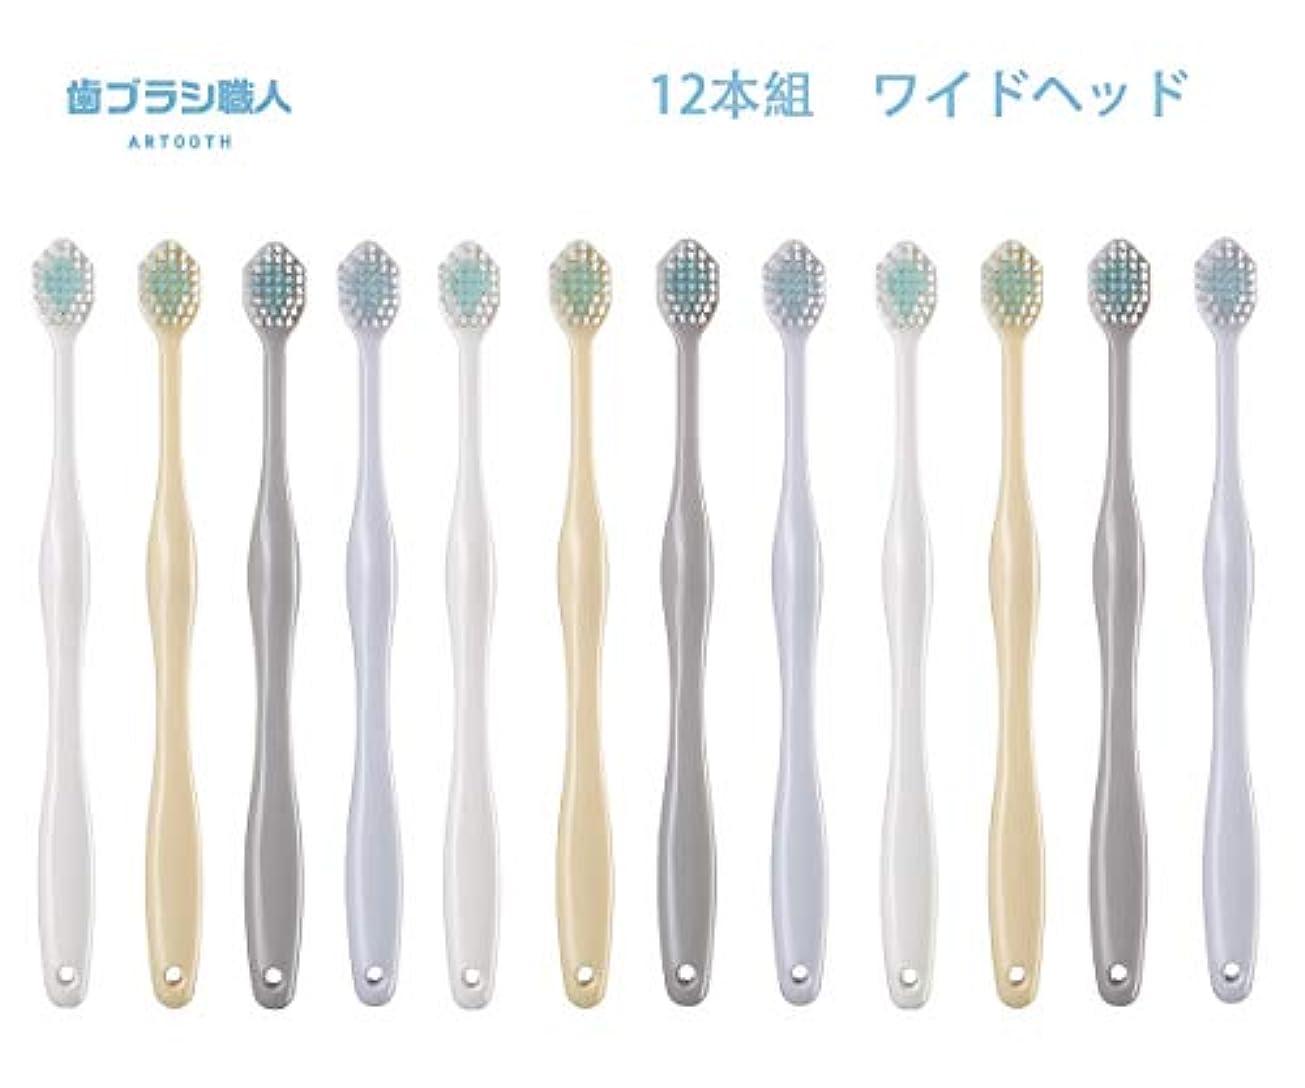 見つけた弱める膨らませる歯ブラシ職人Artooth ® 田辺重吉 磨きやすい歯ブラシ ワイド 6列レギュラー AT-30 (12本組)